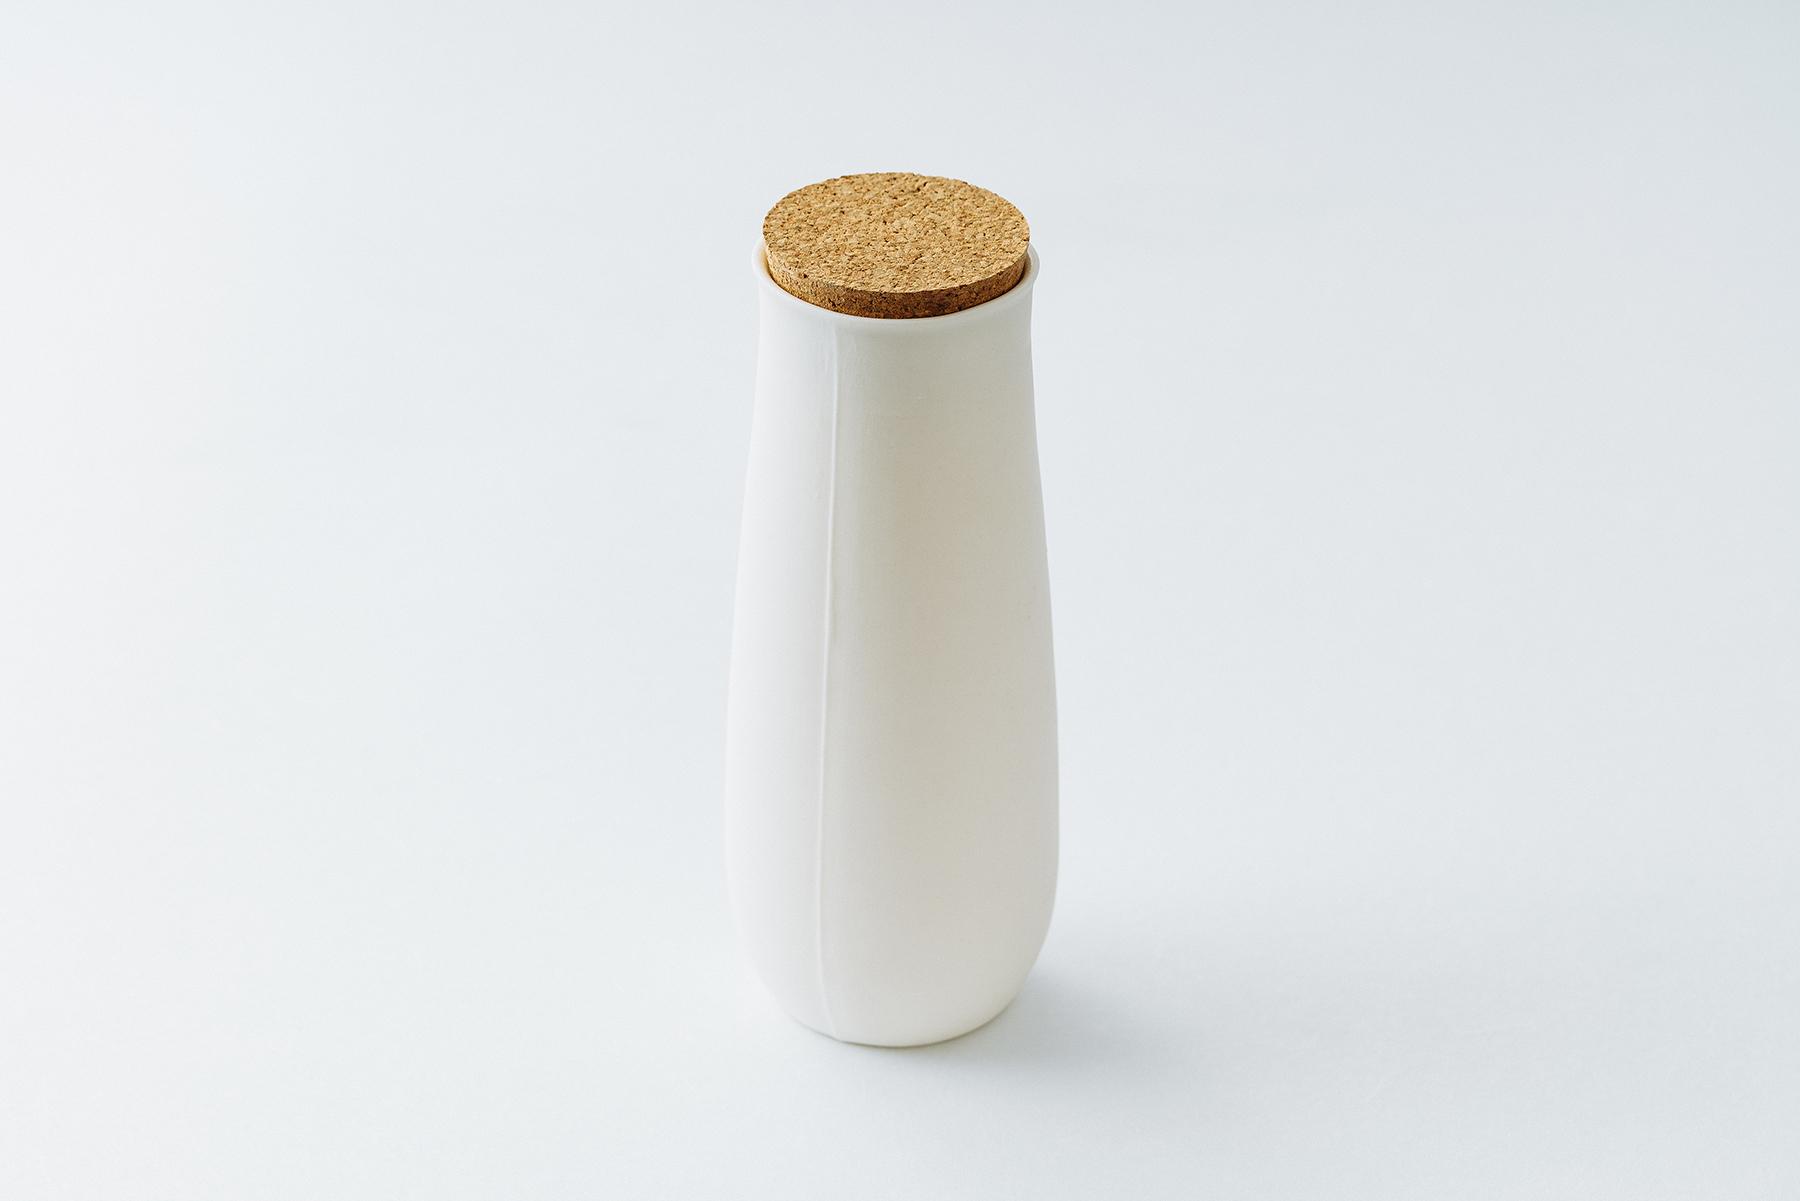 信楽透器 ボトル